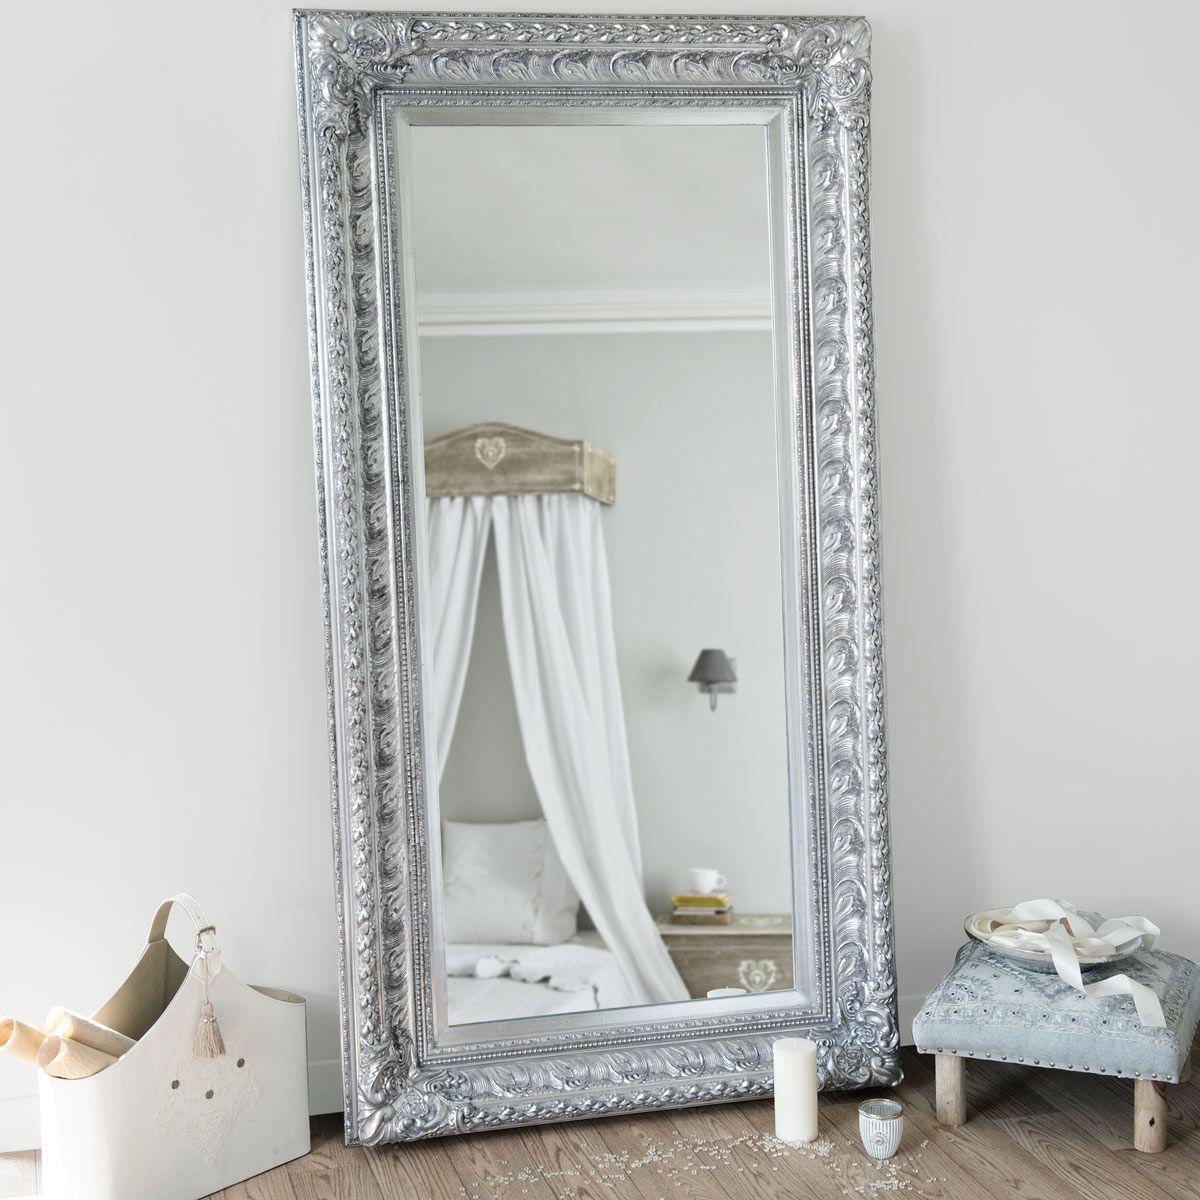 argento 180x95Maisons Marquise Monde Specchio du BerdCxo